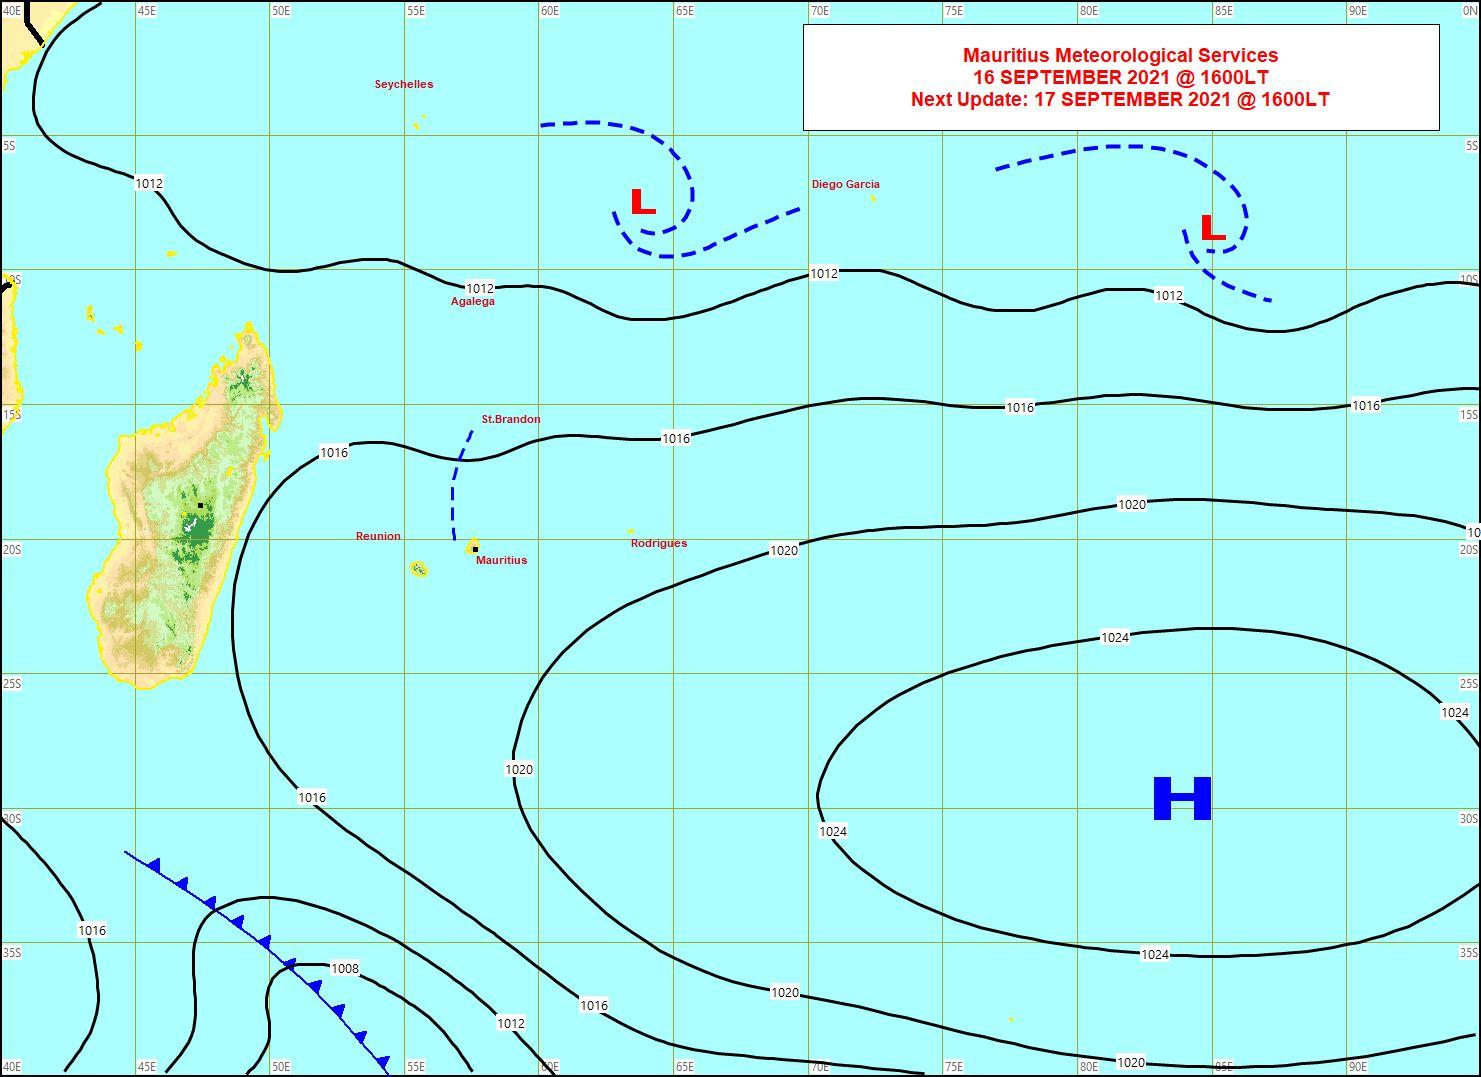 Analyse de la situation de surface ce Jeudi à 16heures. Le gradient de pressions se relâche sur les Mascareignes: l'anticyclone(H) est en retrait alors qu'un front froid affaibli associé à une lointaine dépression extra-tropicale passe par le Sud de la Grande Ile. MMS.